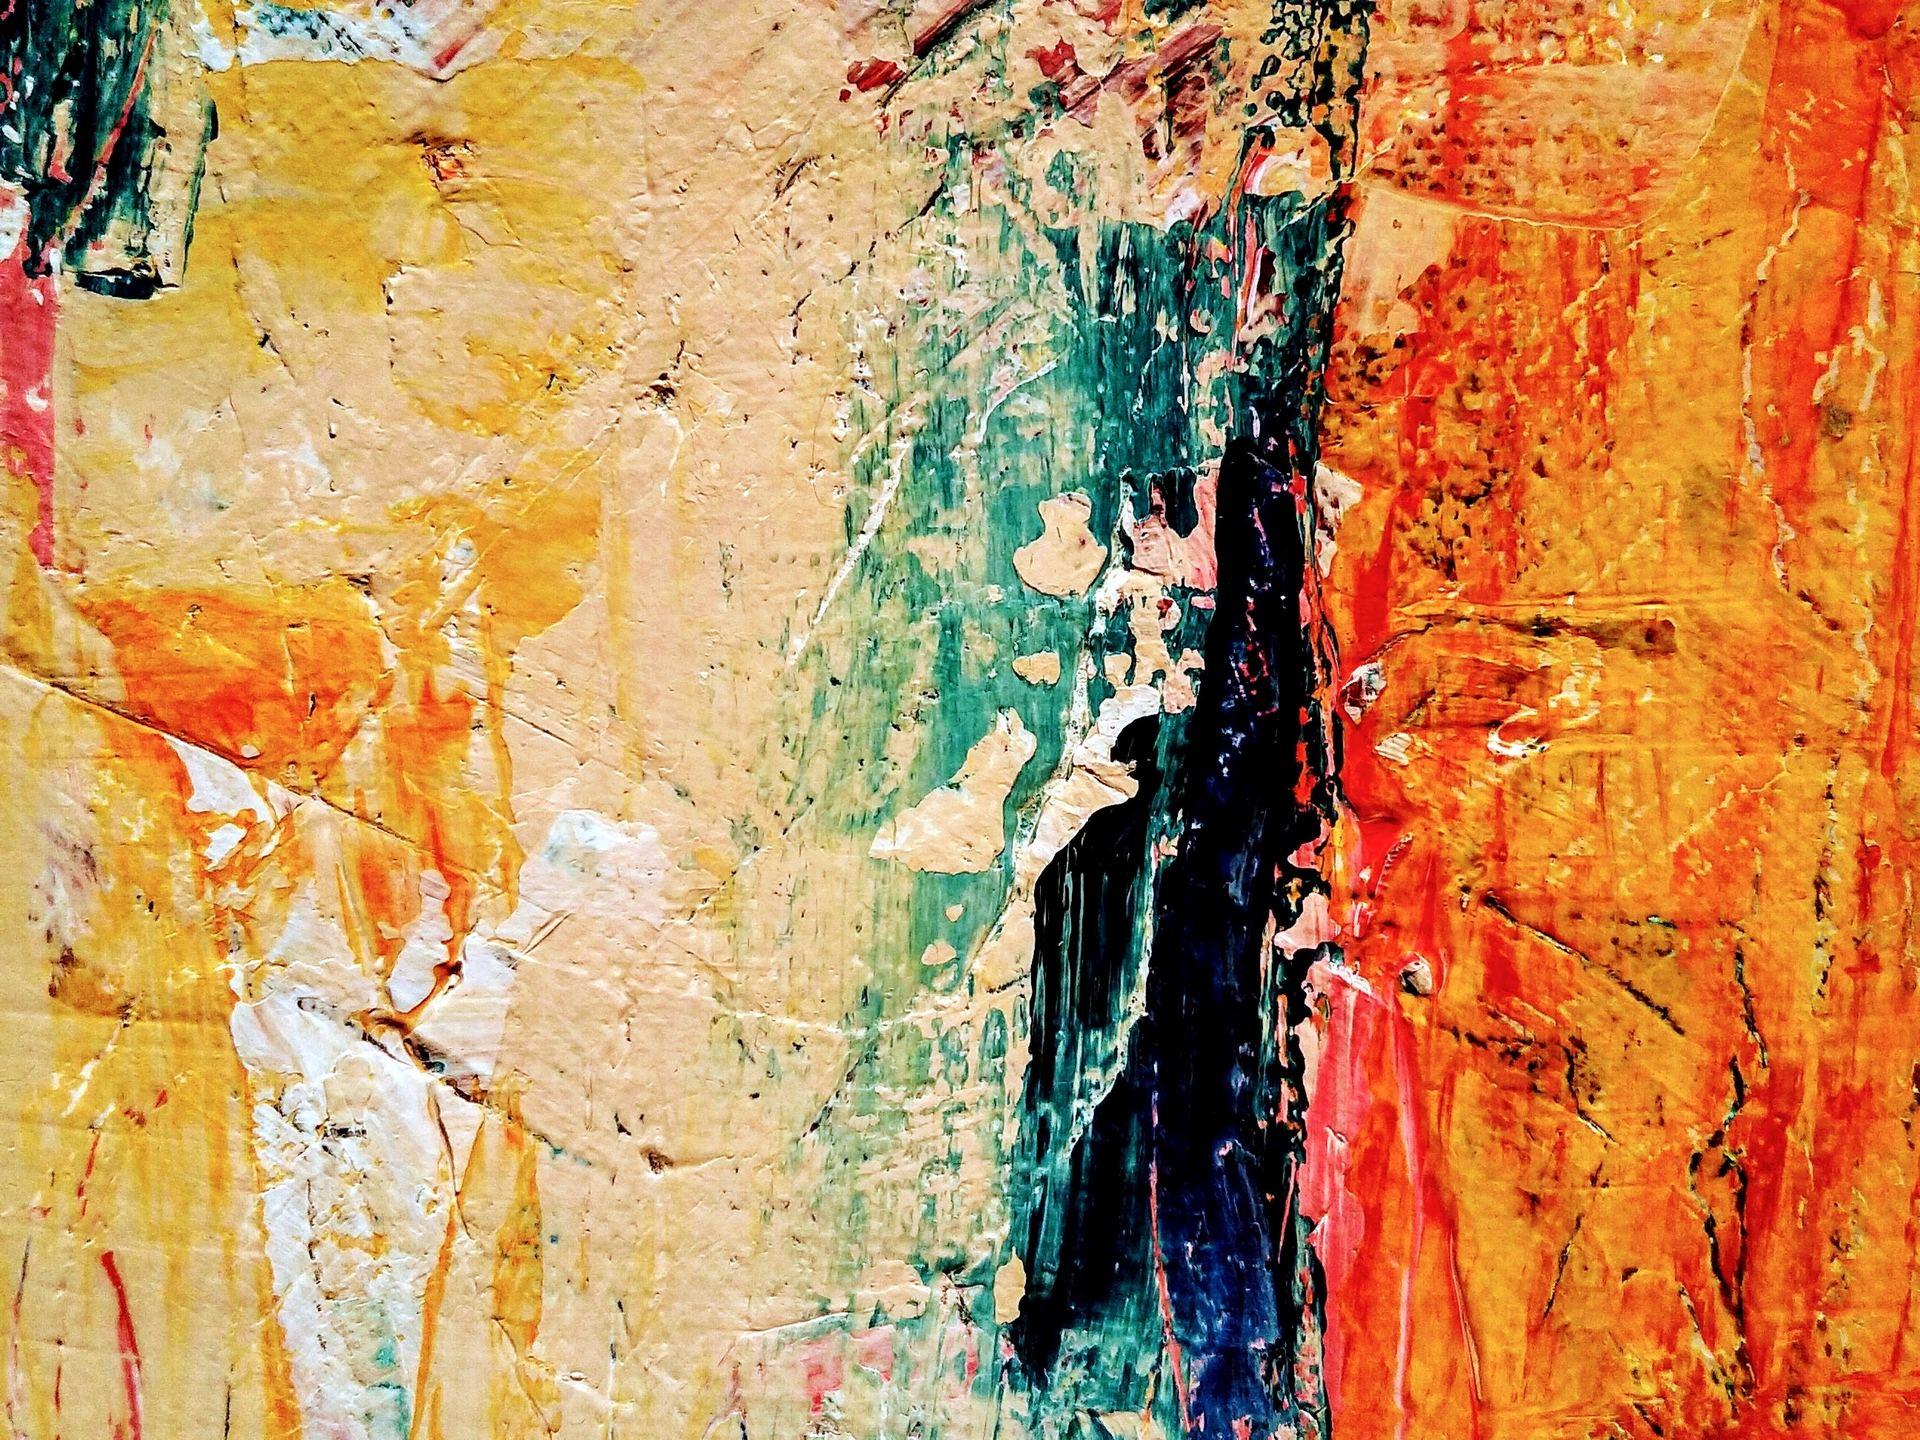 Skapa spänning med abstrakt konst